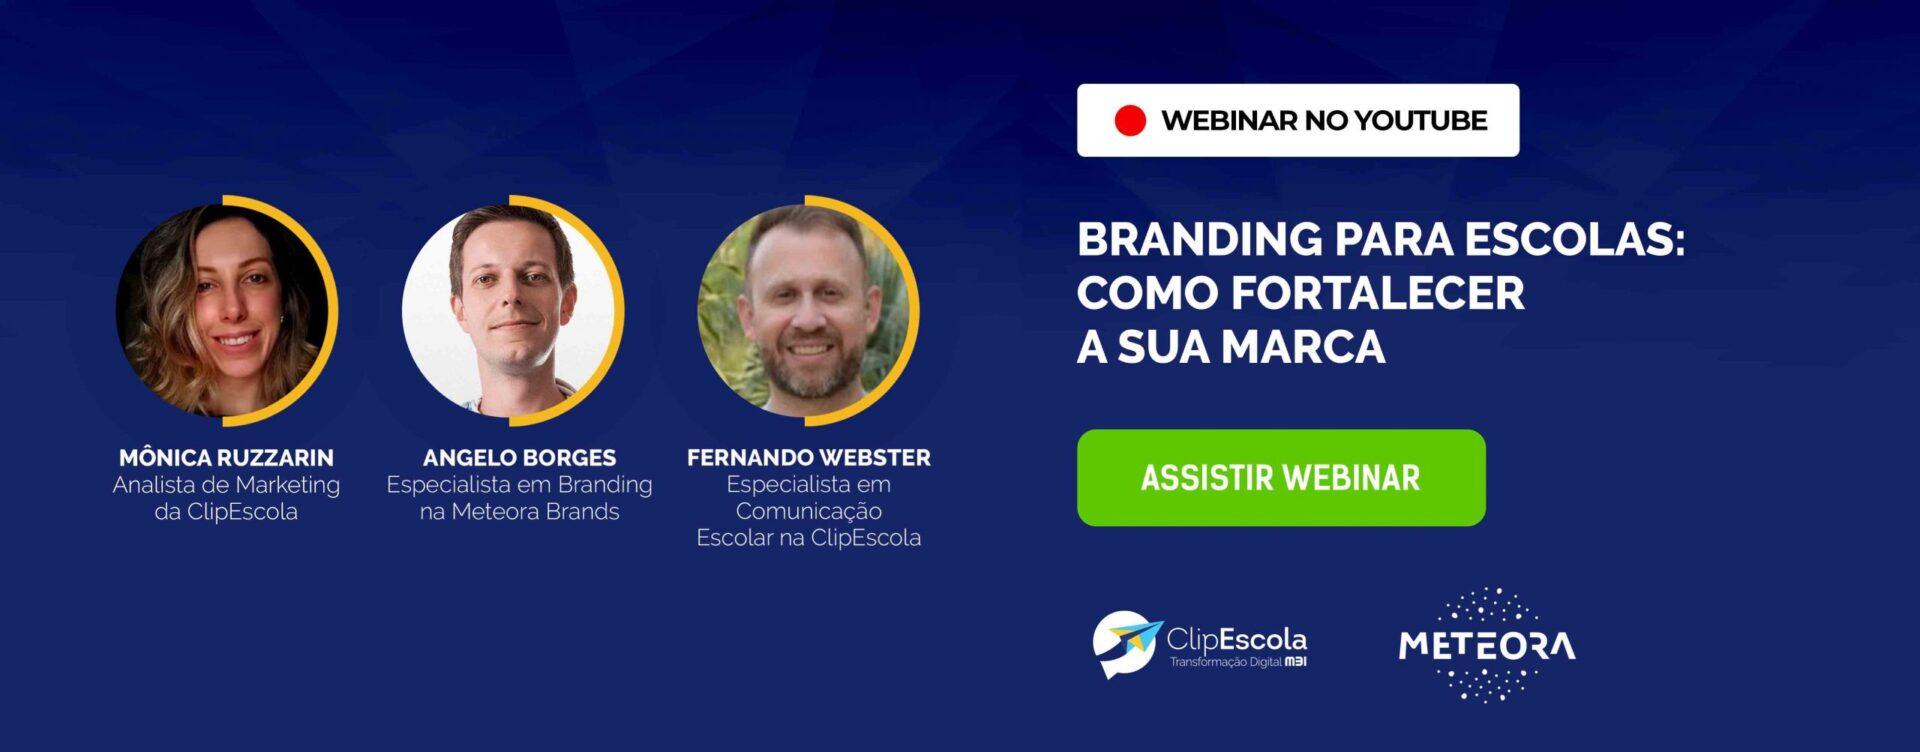 CTA_Webinar - Branding para escolas - como fortalecer a sua marca